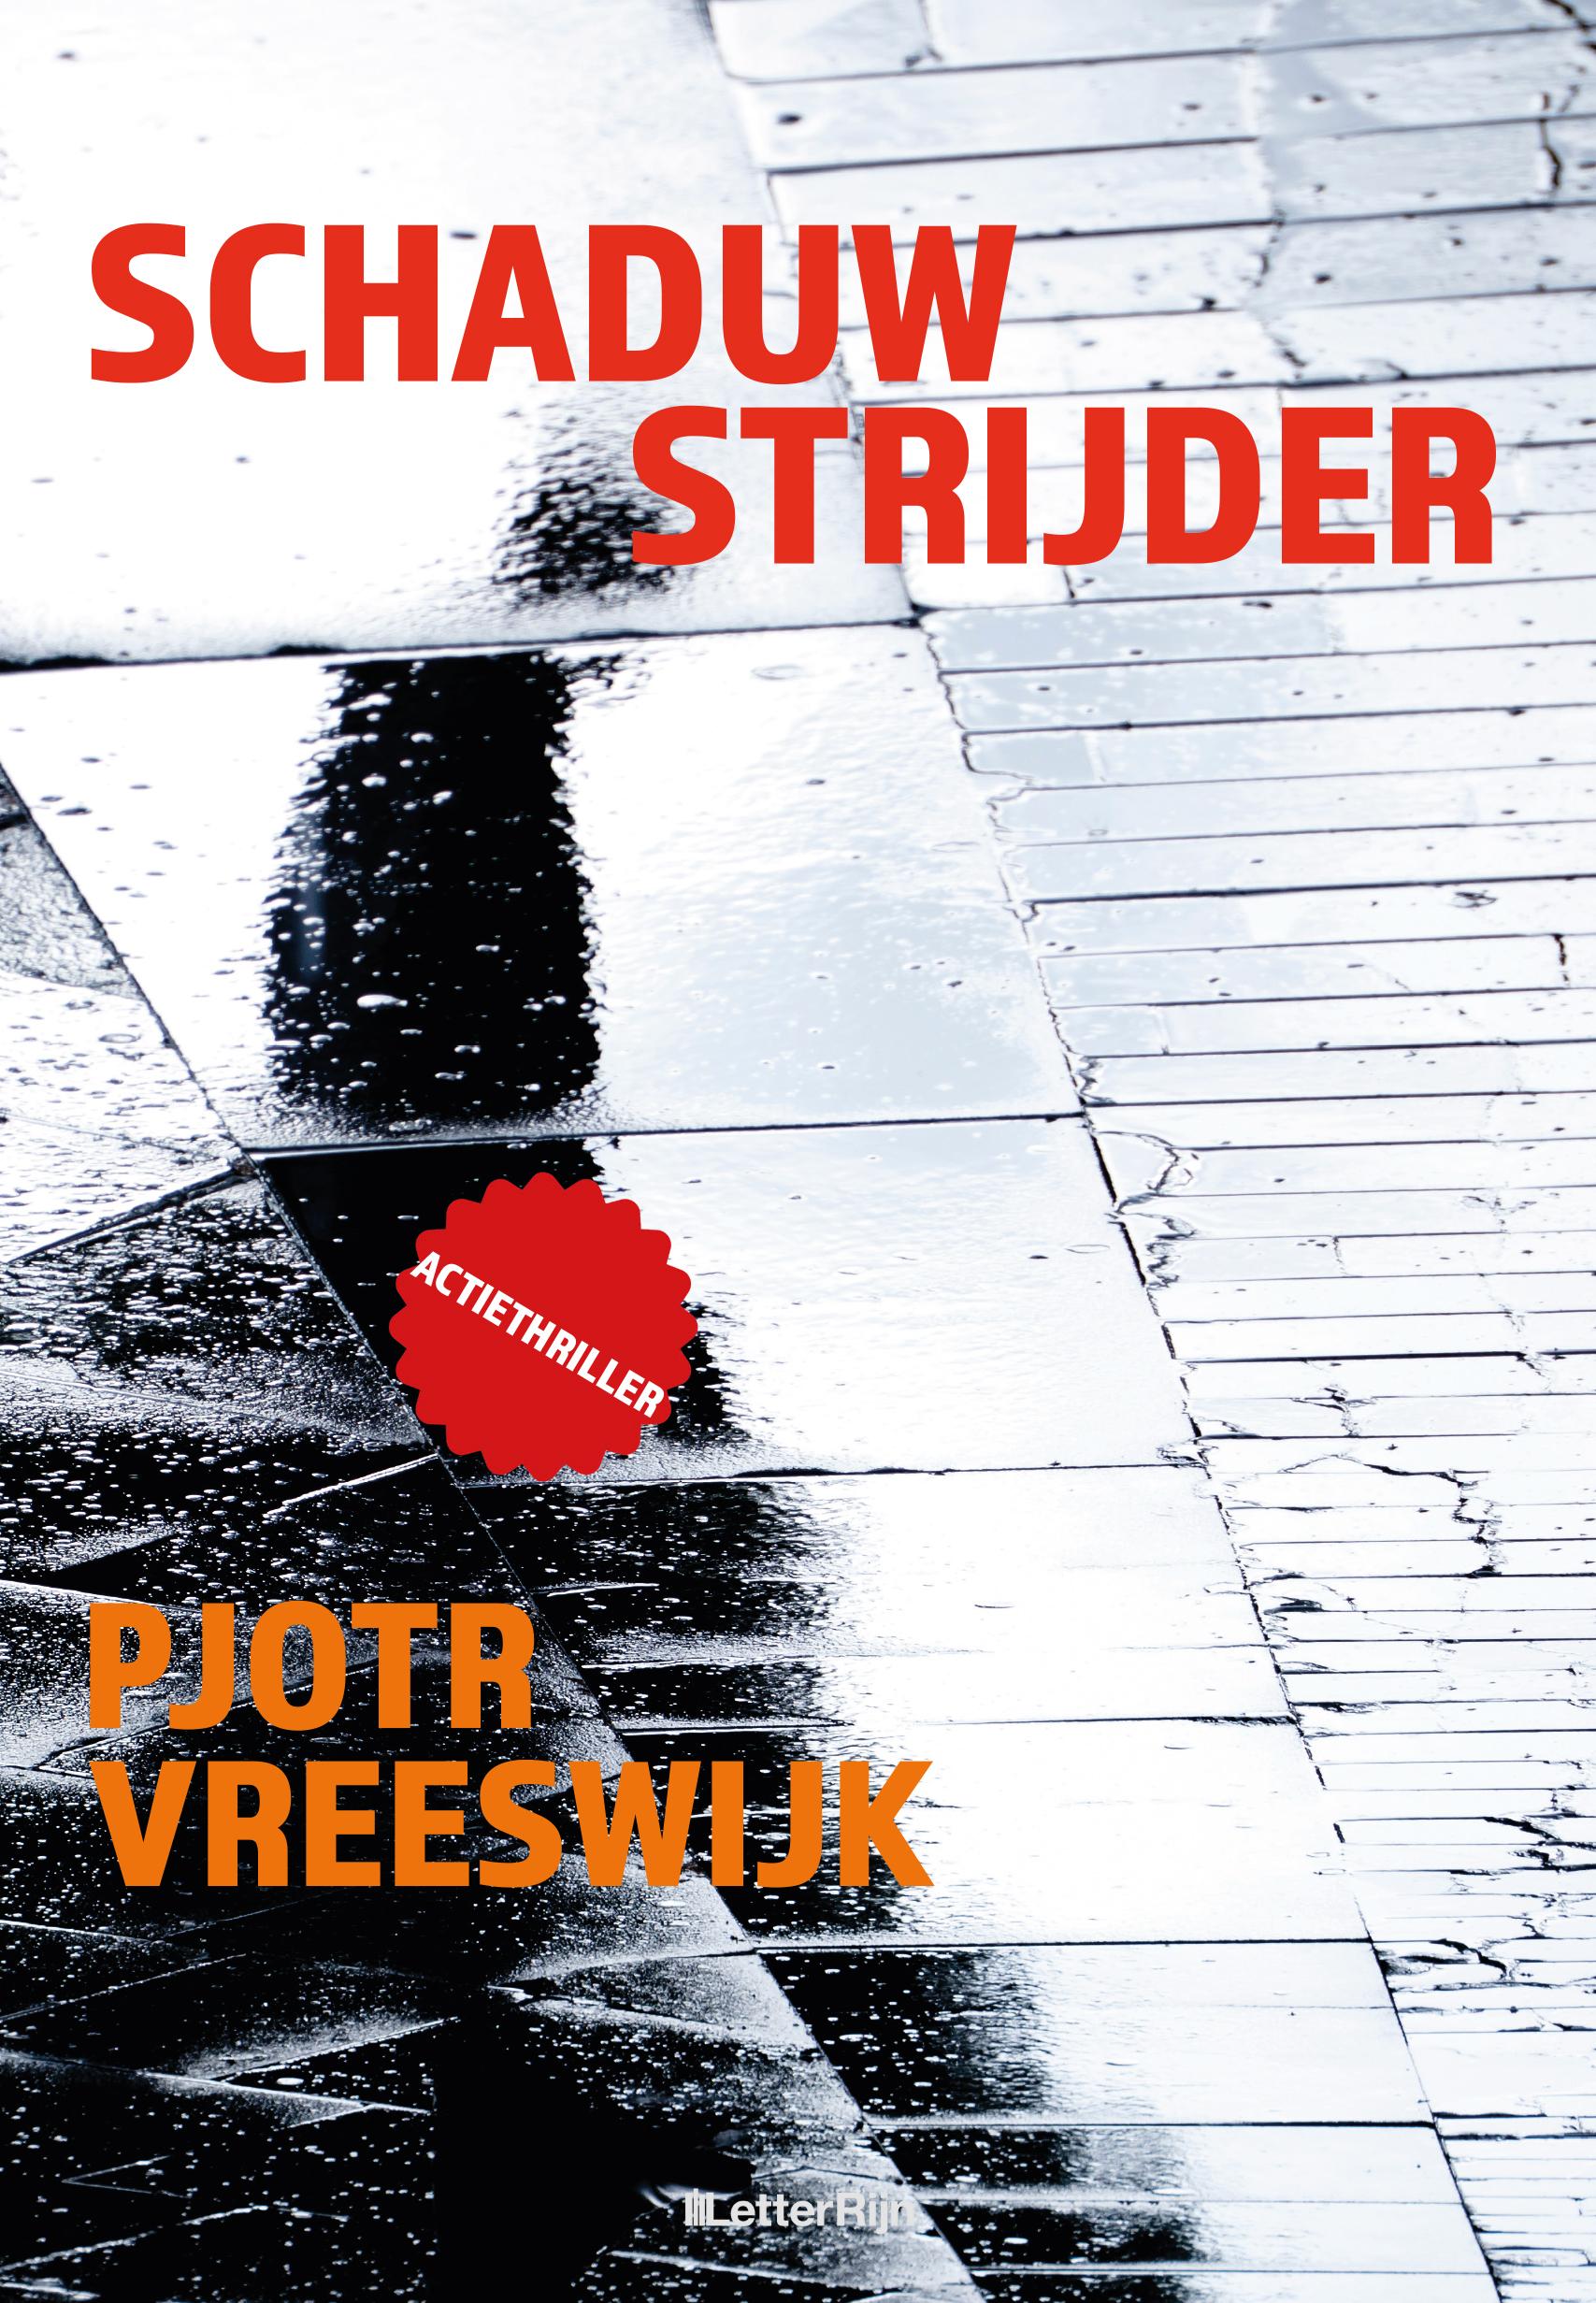 Schaduwstrijder: interview met de schrijver